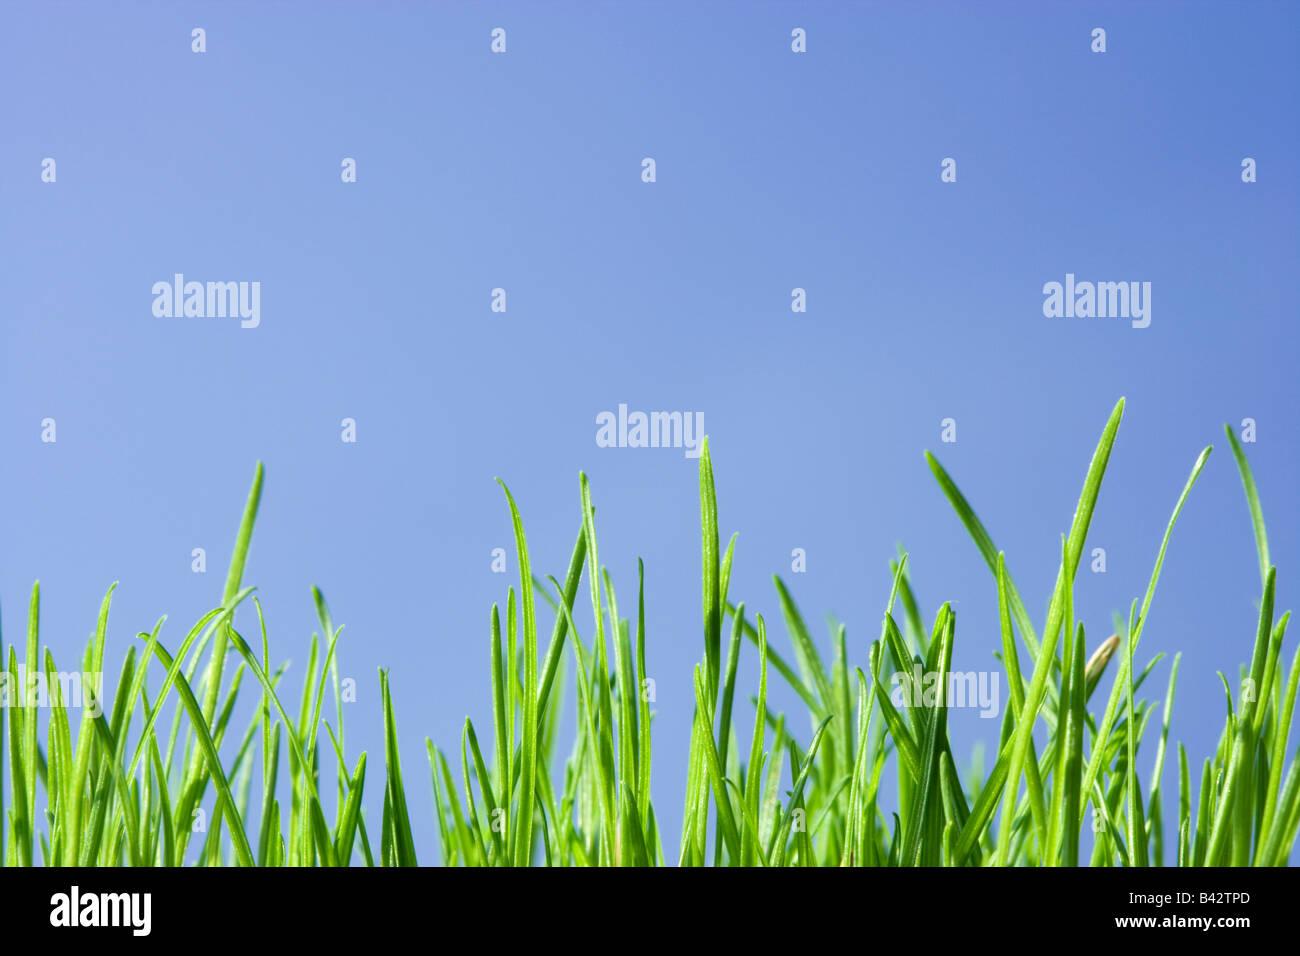 La hierba, bajo el ángulo contra el cielo azul. Imagen De Stock